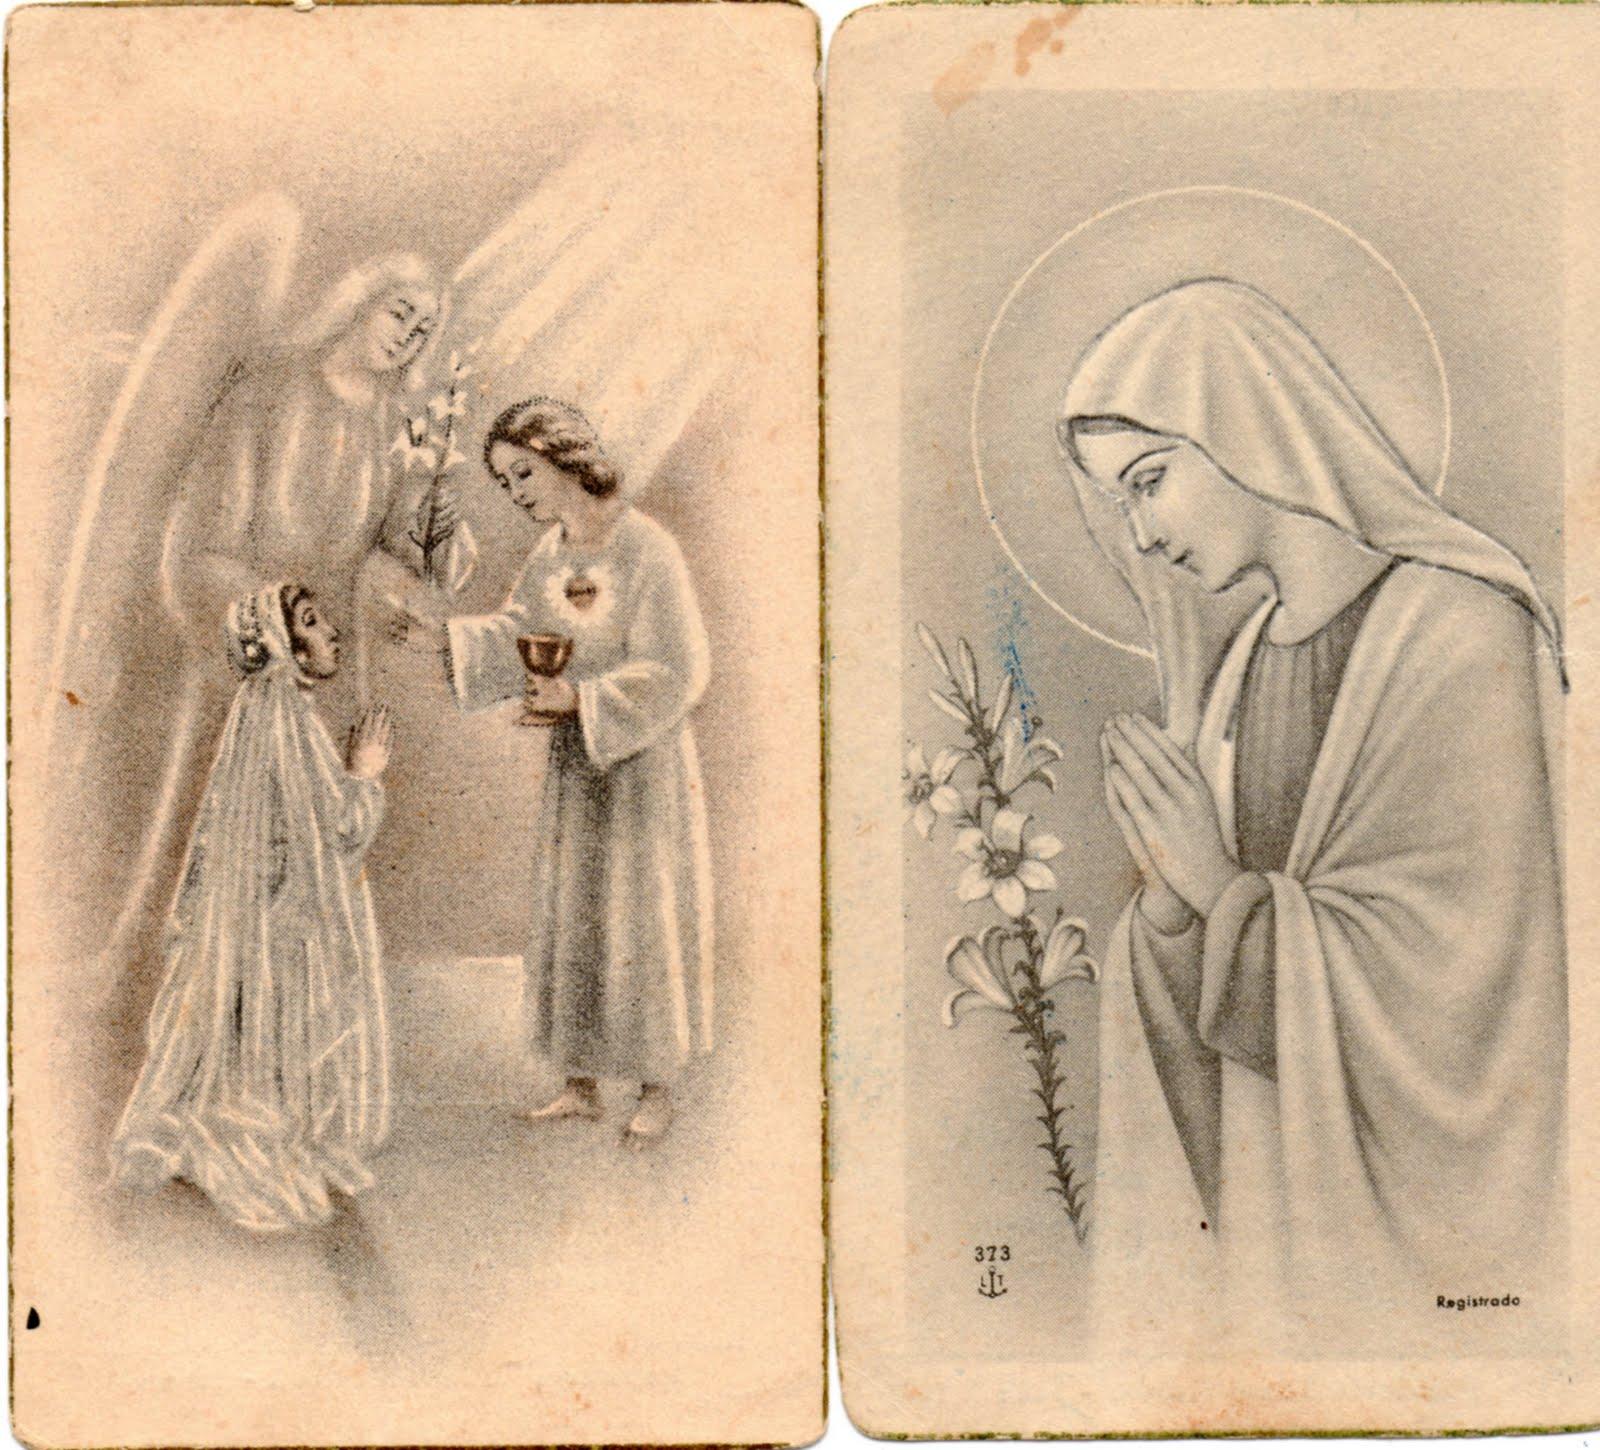 ... de junio de 1942 en la capilla del colegio de las carmelitas de esta